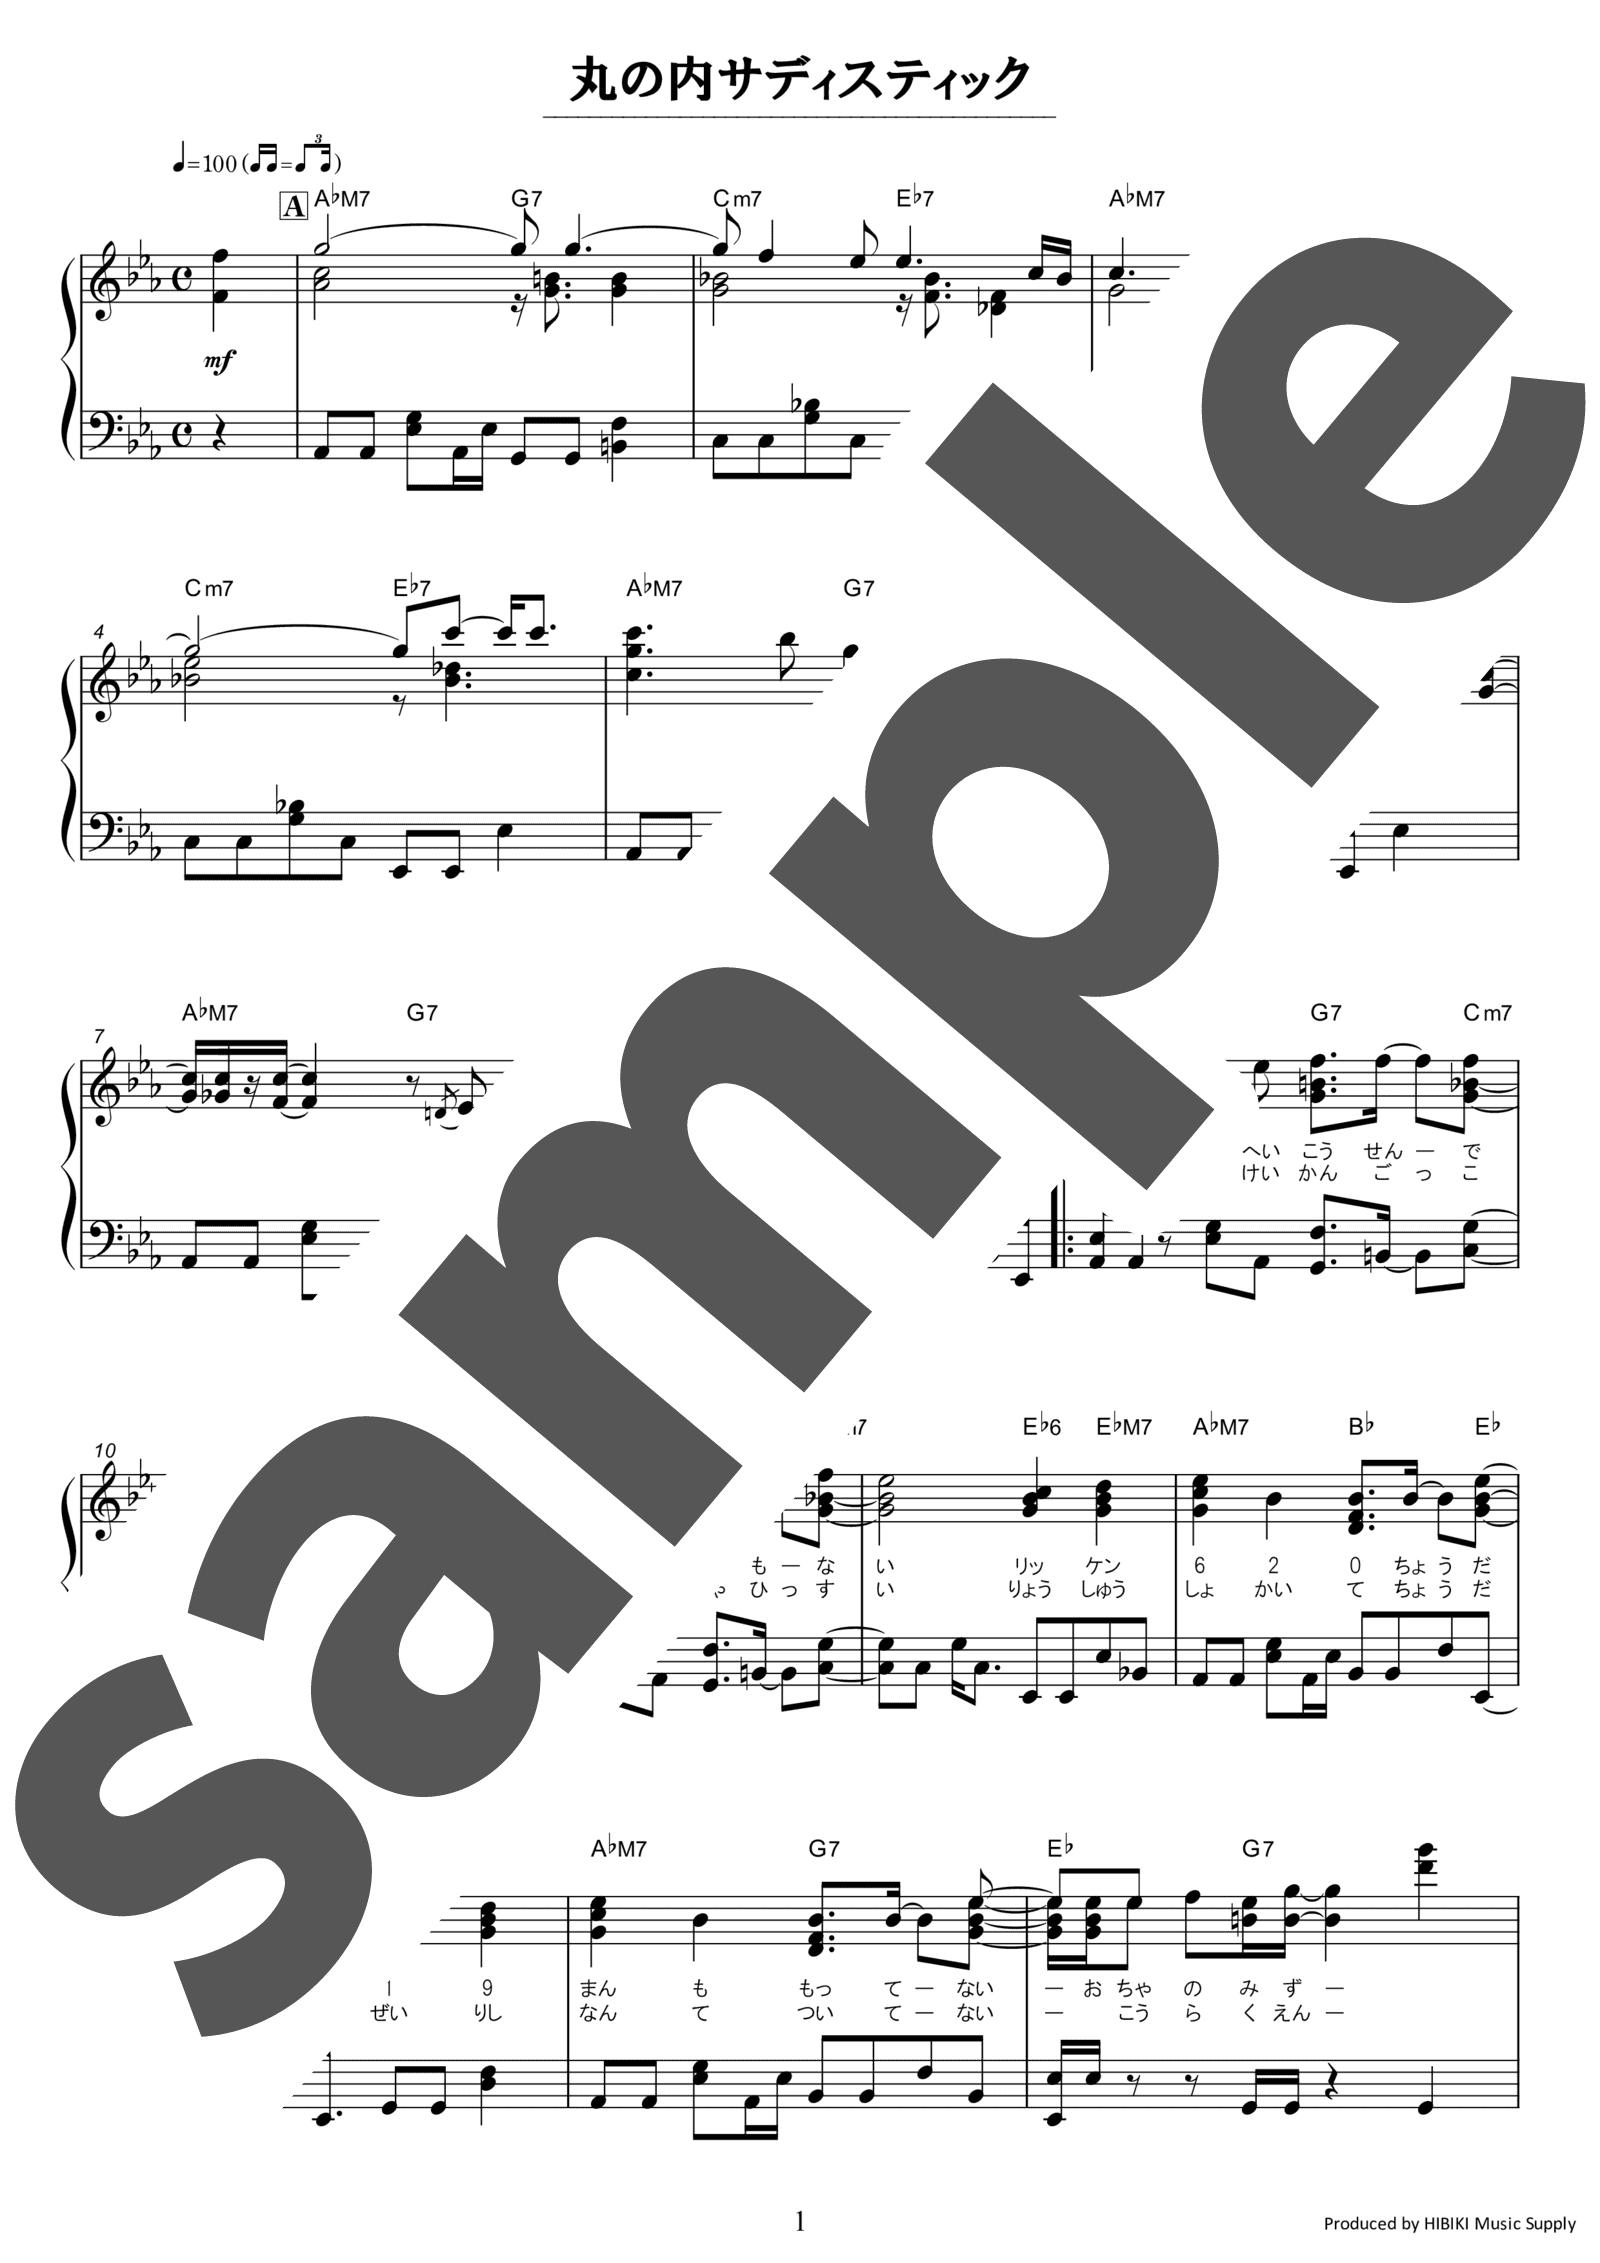 「丸の内サディスティック」のサンプル楽譜